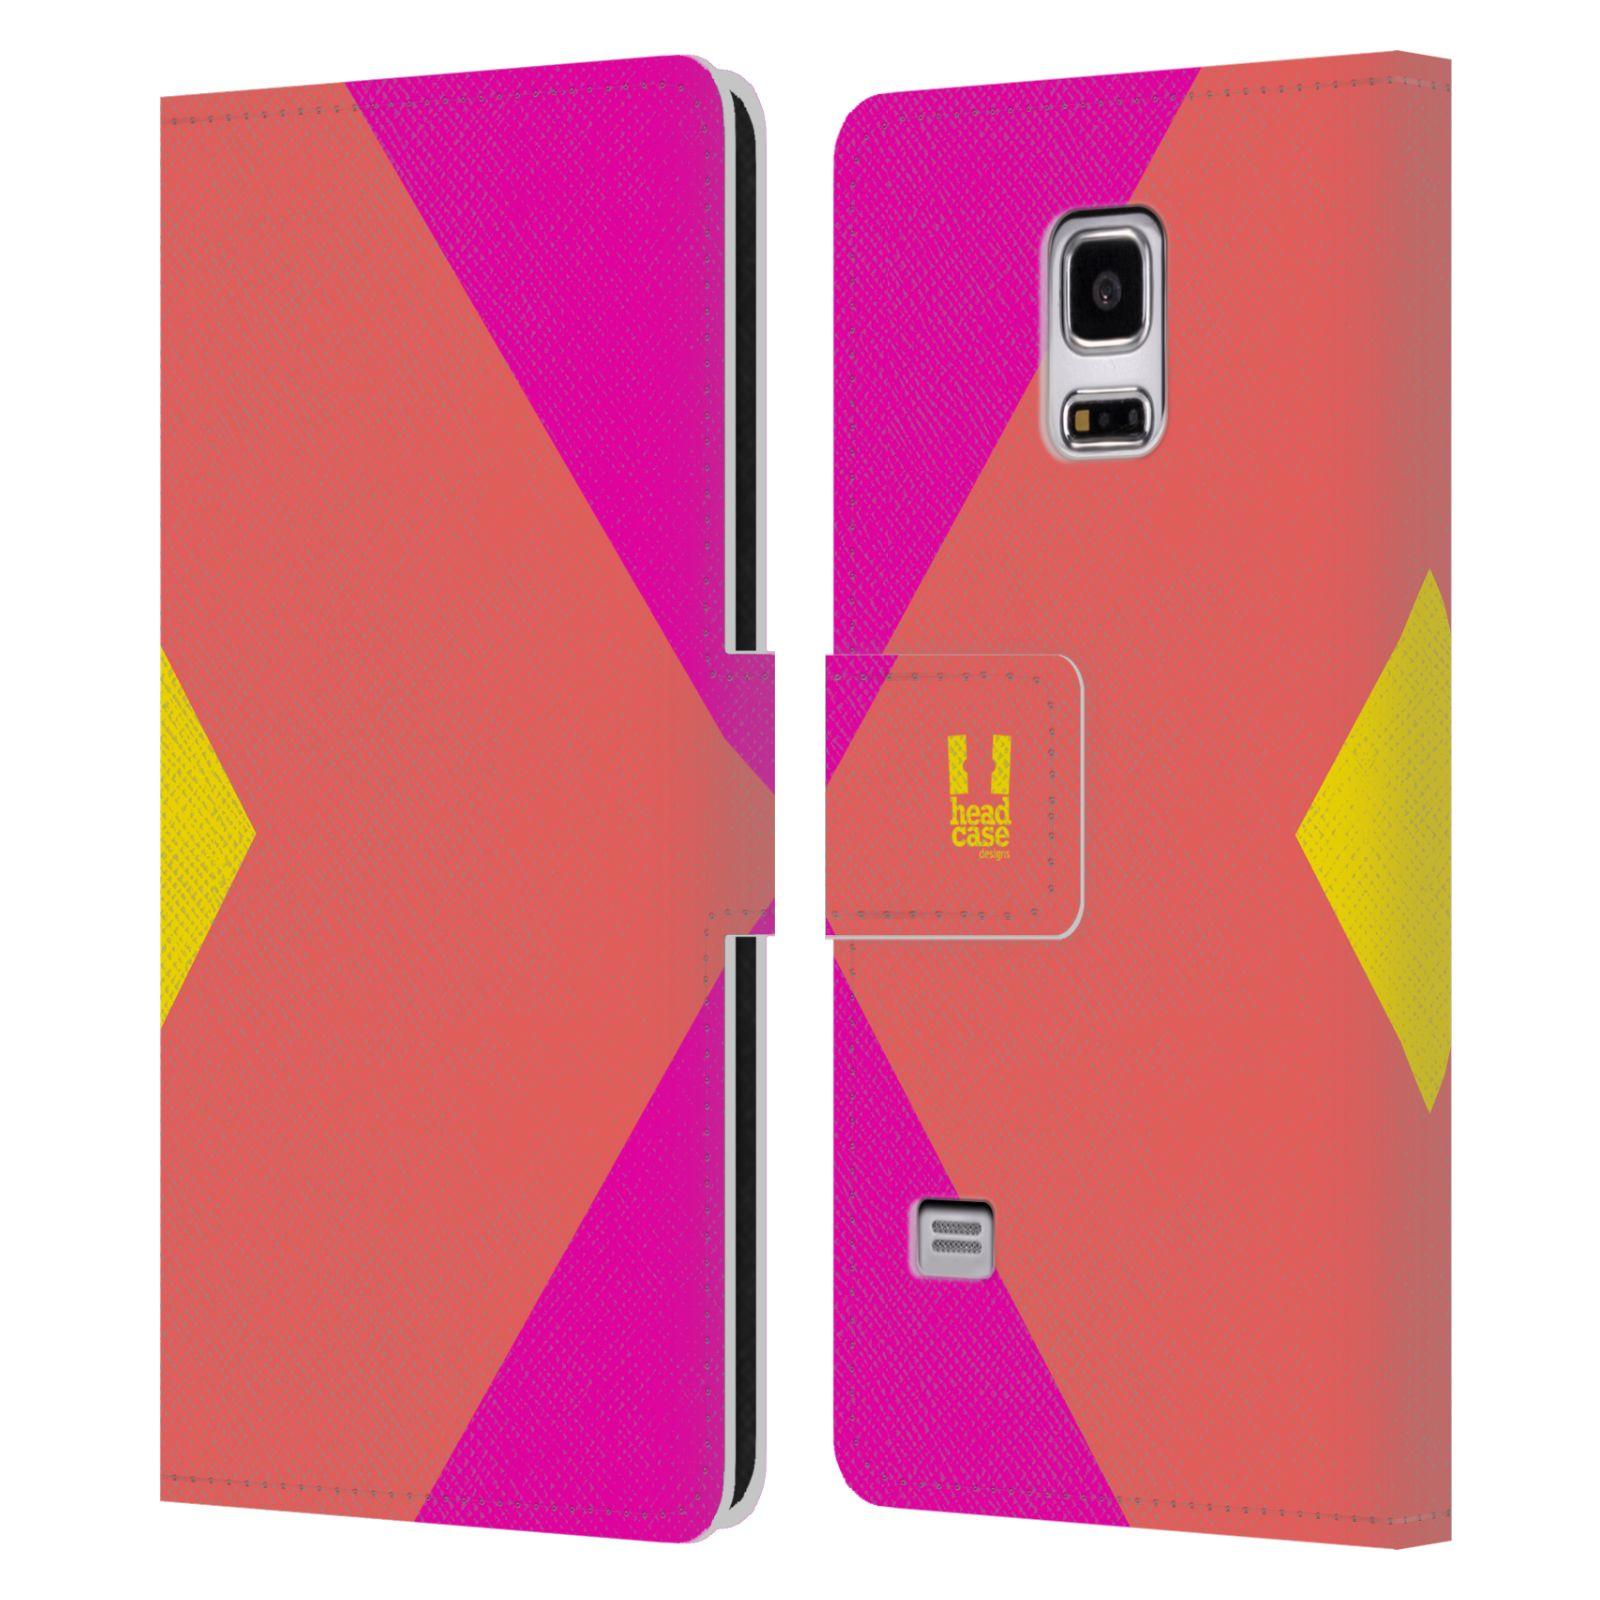 HEAD CASE Flipové pouzdro pro mobil Samsung Galaxy S5 MINI barevné tvary růžová korál